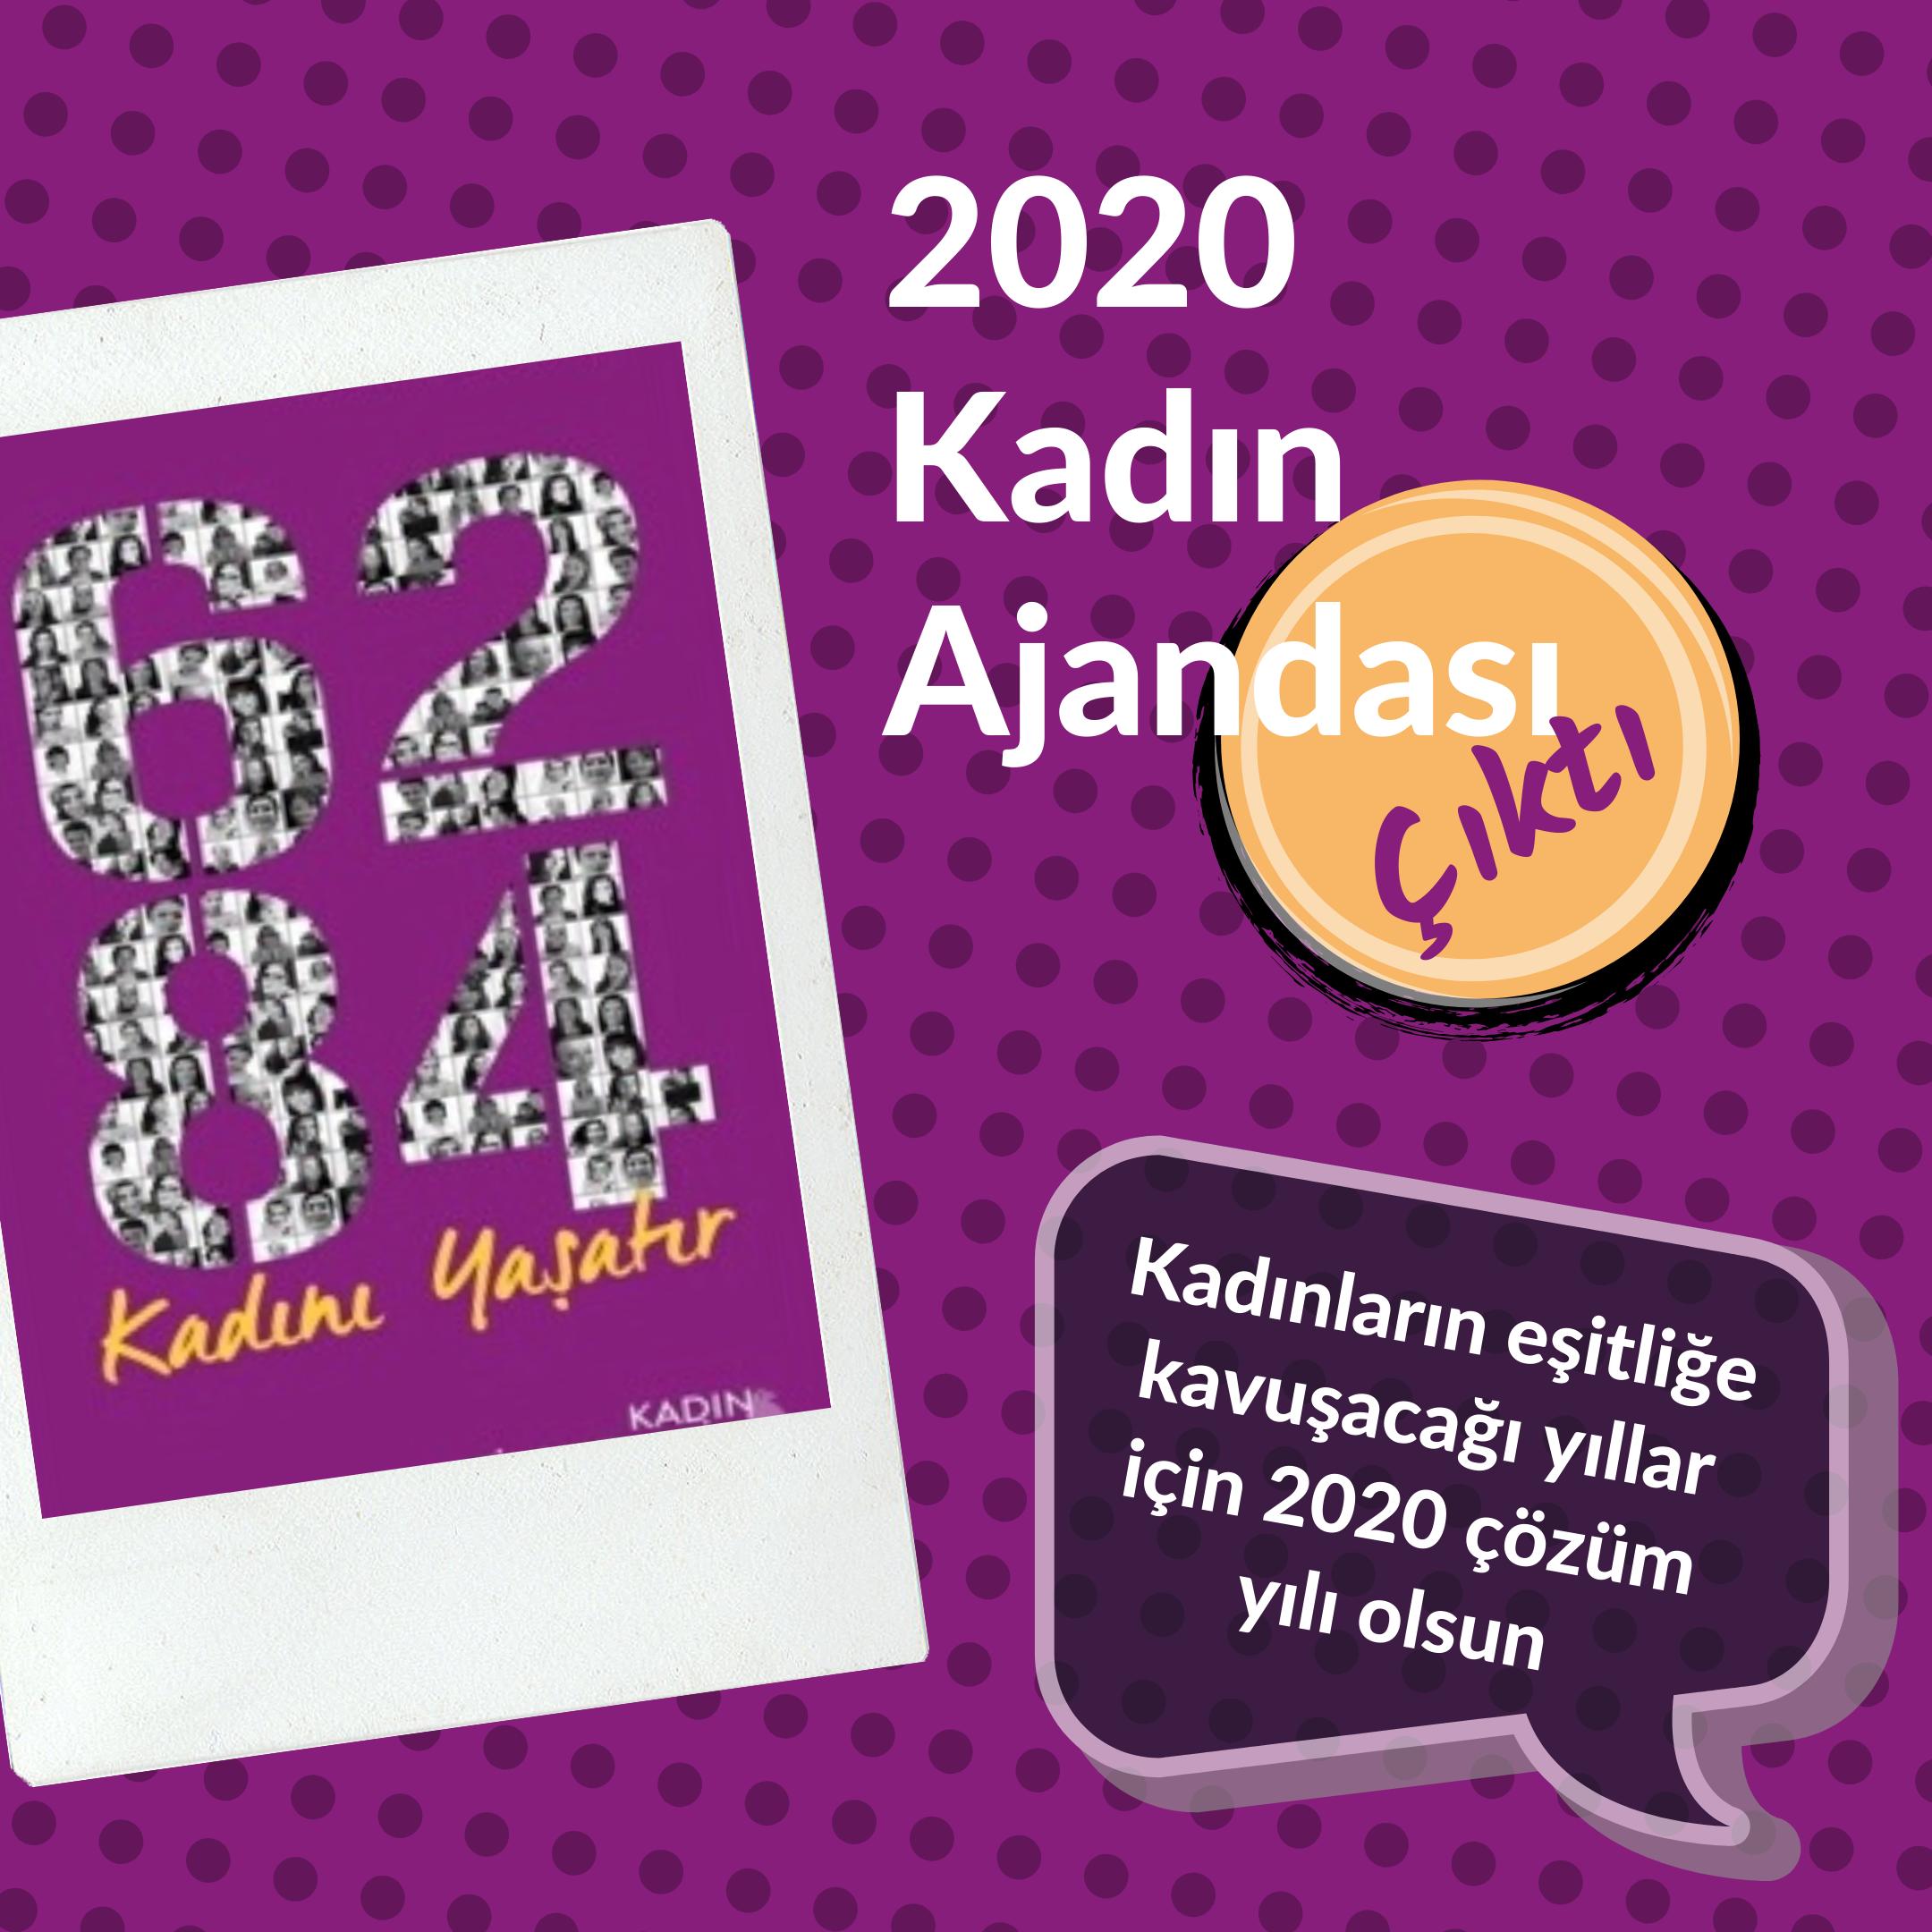 Reklam | 06 | 2020 Kadın Ajandası